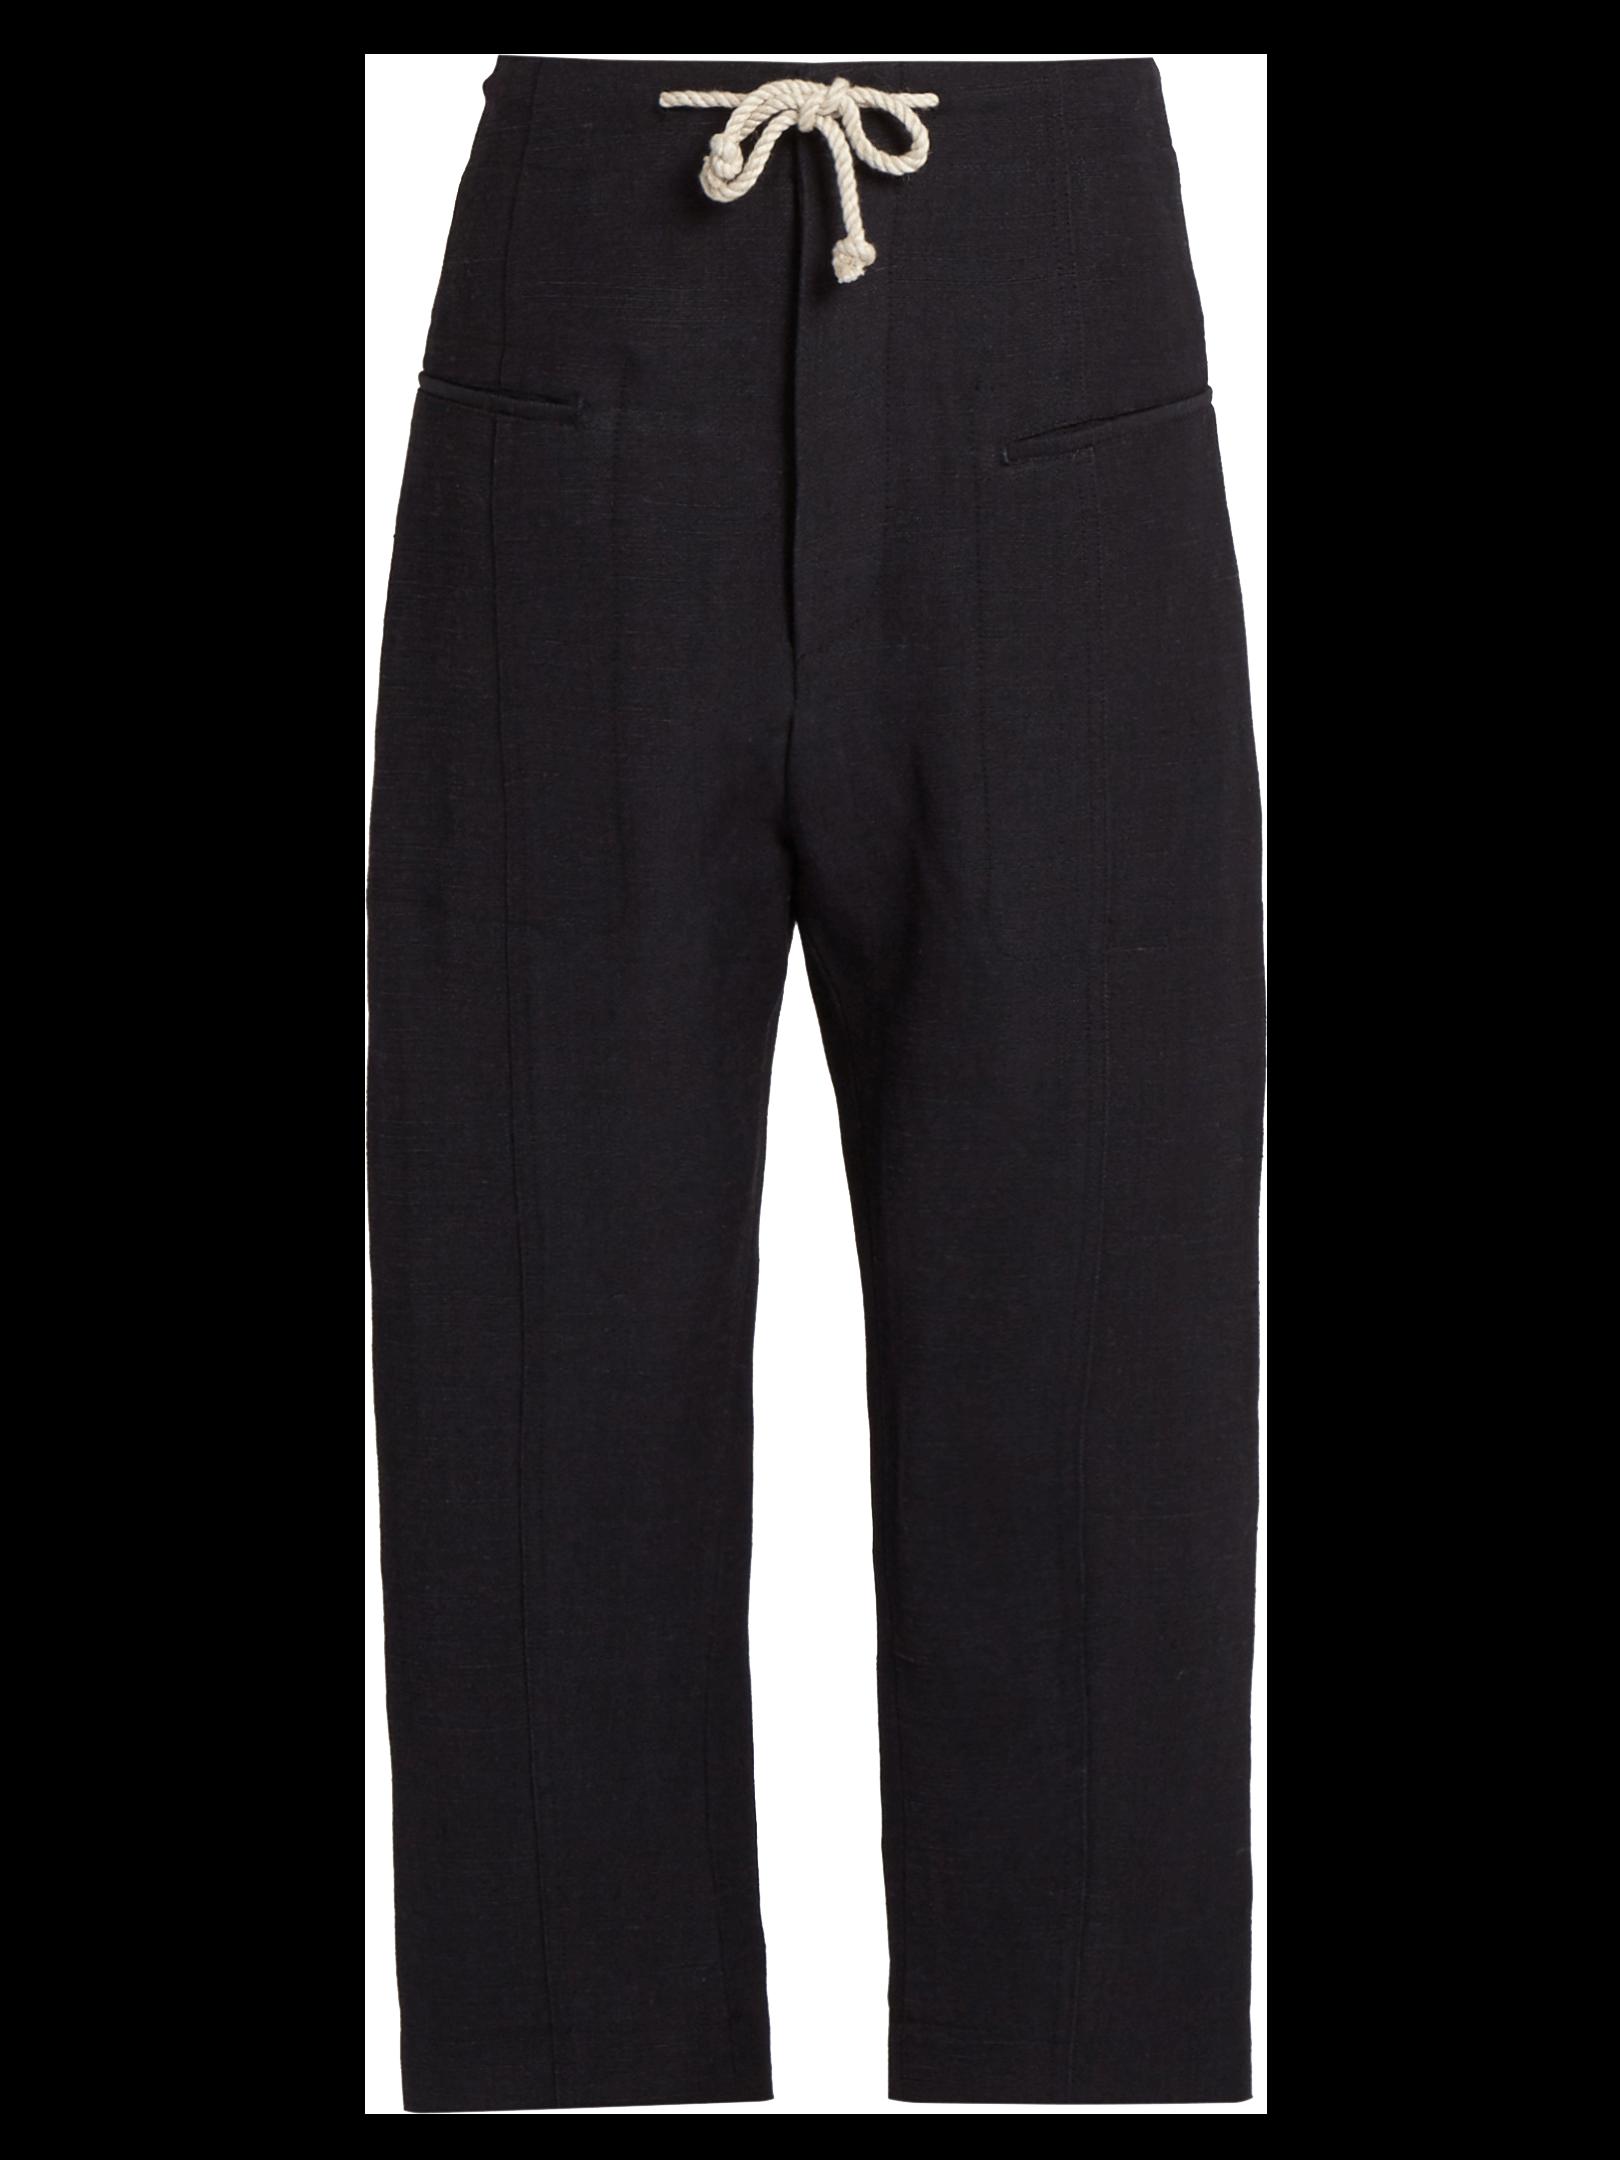 JOSEPH Ombria jute-blend trousers